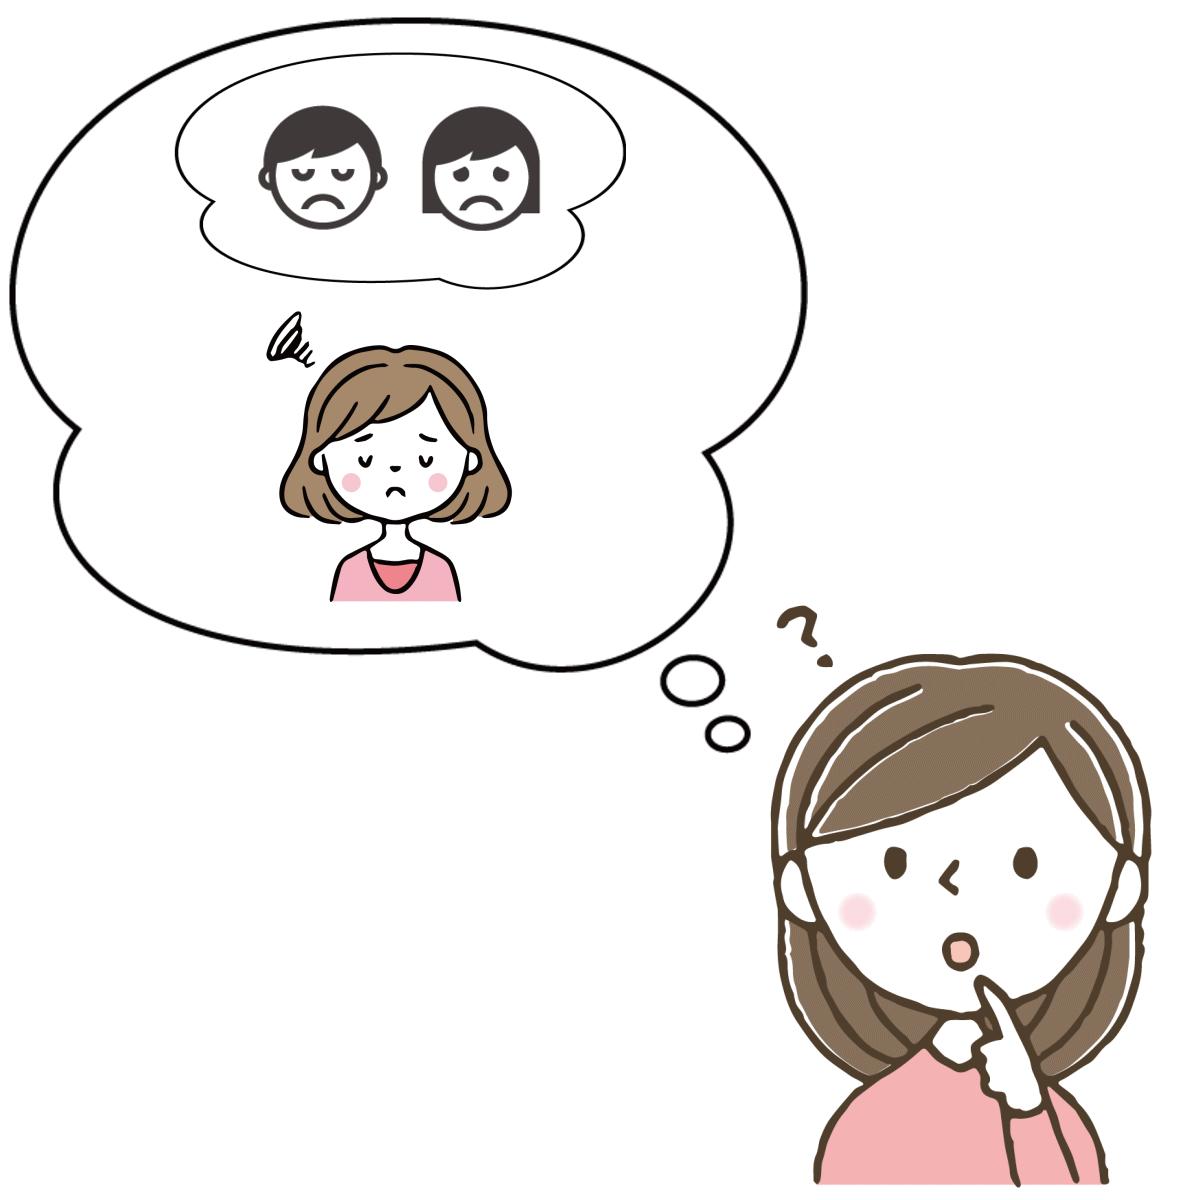 不機嫌な父親と心配性な母親が気になって落ち着かないインナーチャイルドの様子を表すイラスト